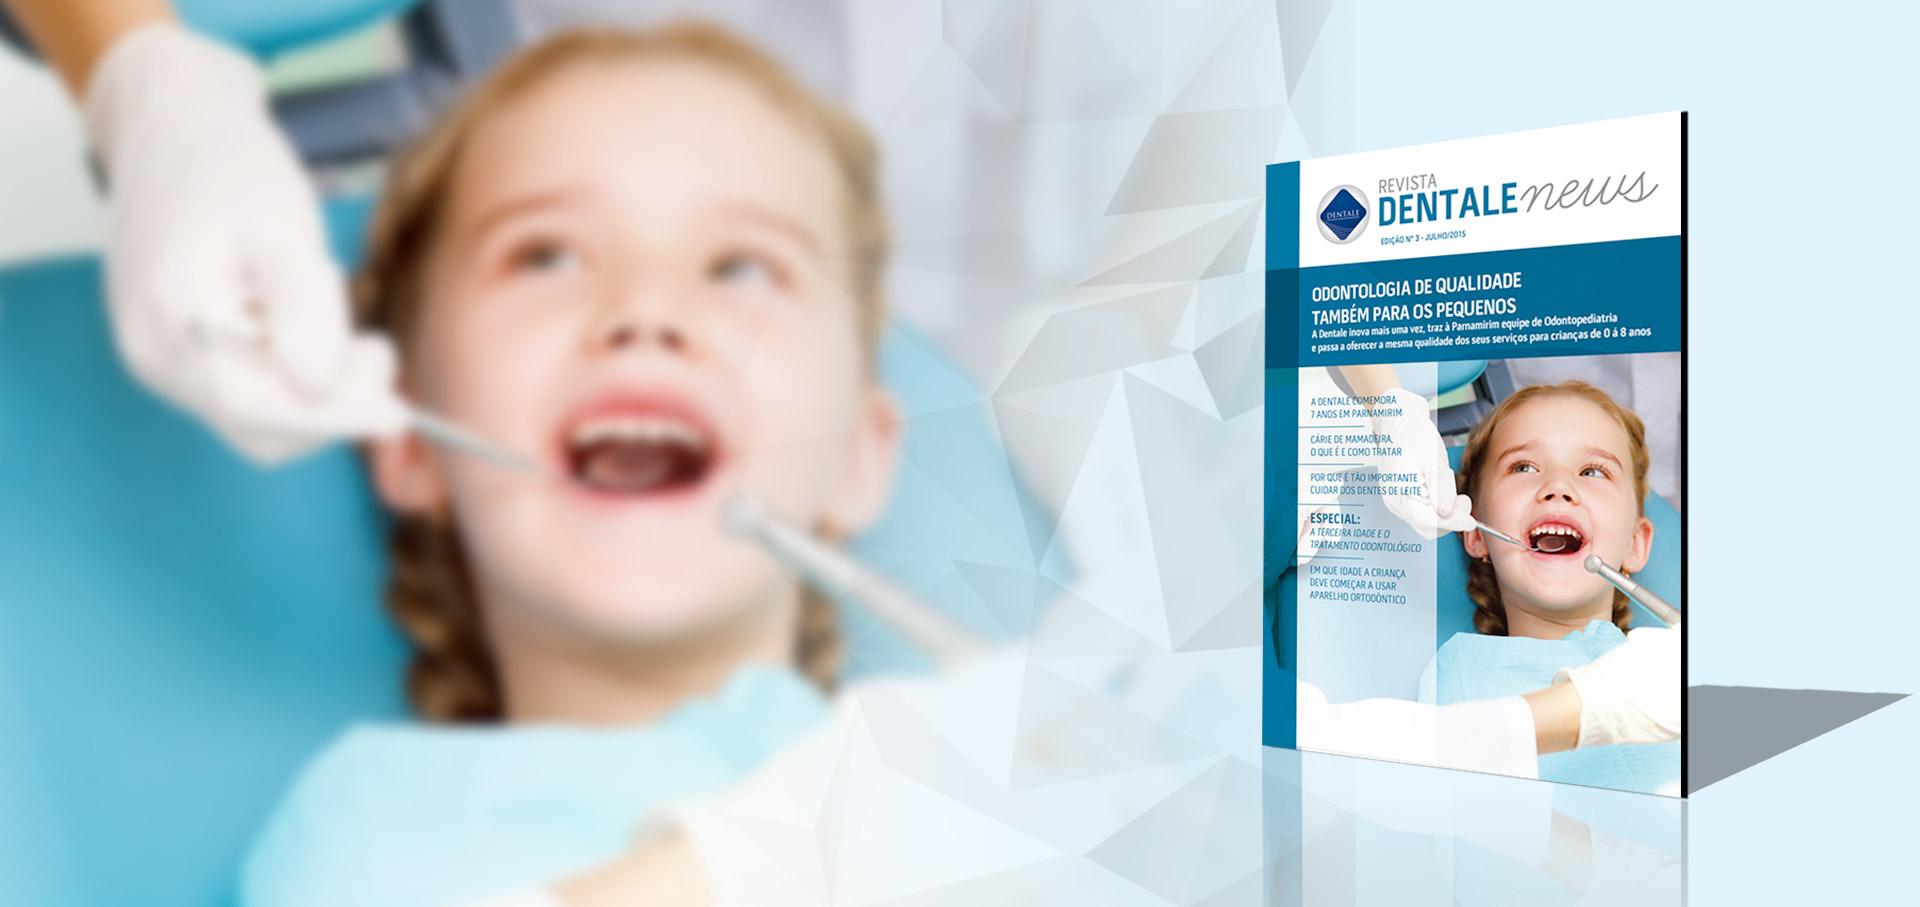 <p>Lan&ccedil;ada em outubro de 2012, a revista traz conte&uacute;do selecionado, novidades e tudo que existe de novo no mundo da Odontologia. Clique e confira.</p>